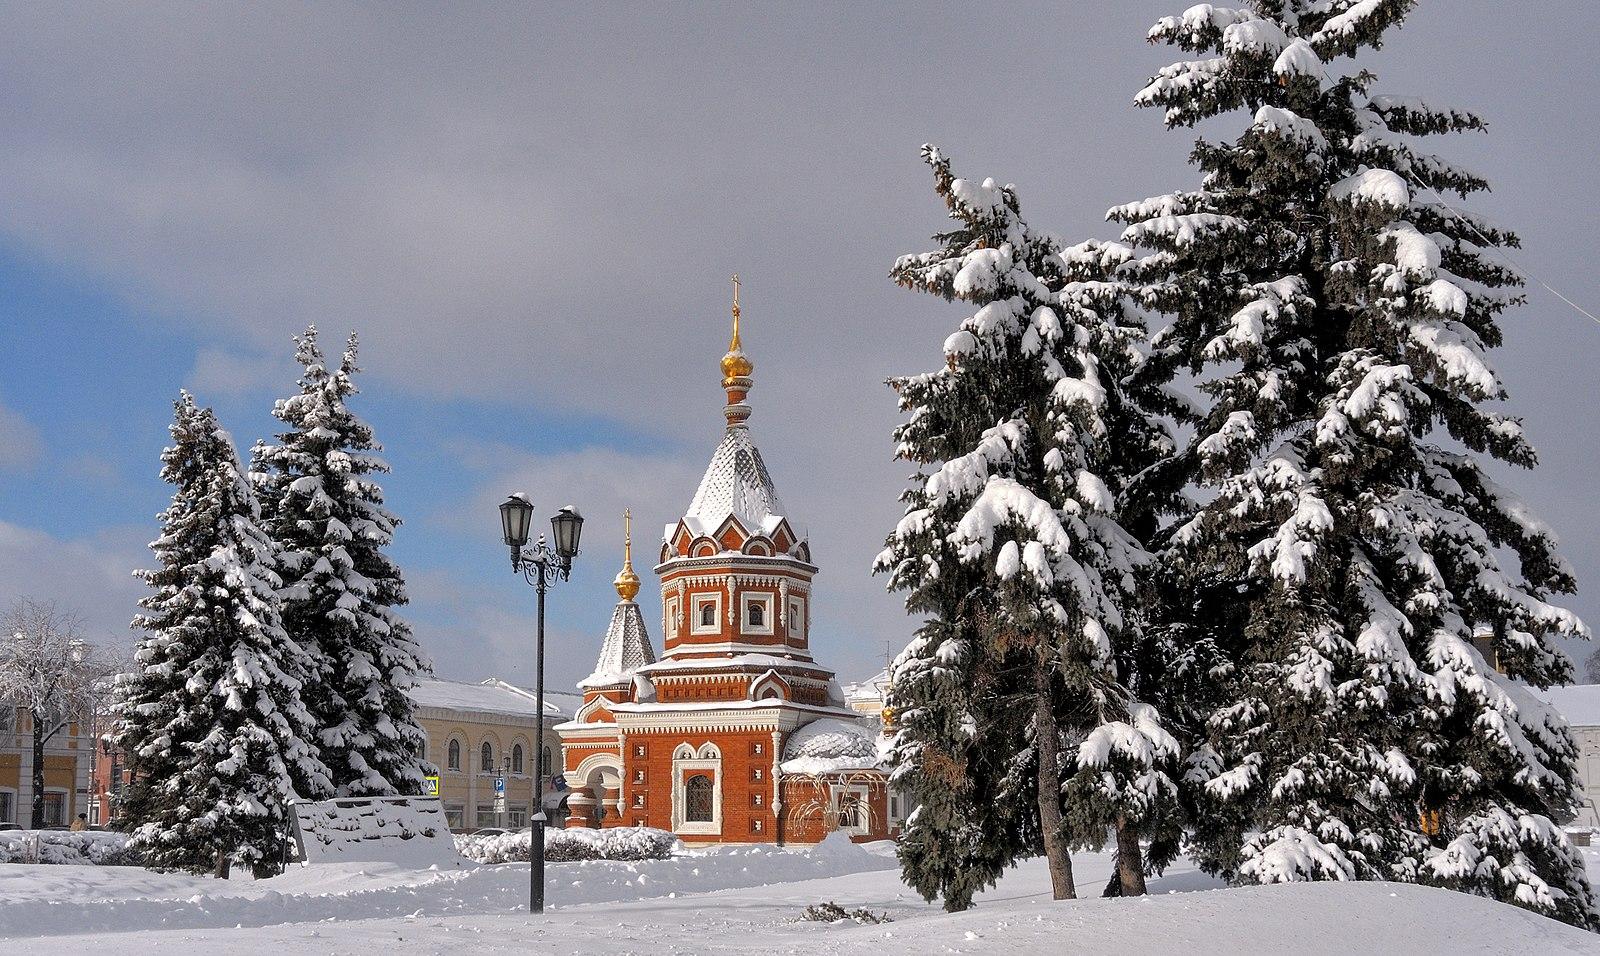 переводе зимние фото ярославль делайте качественные фотки